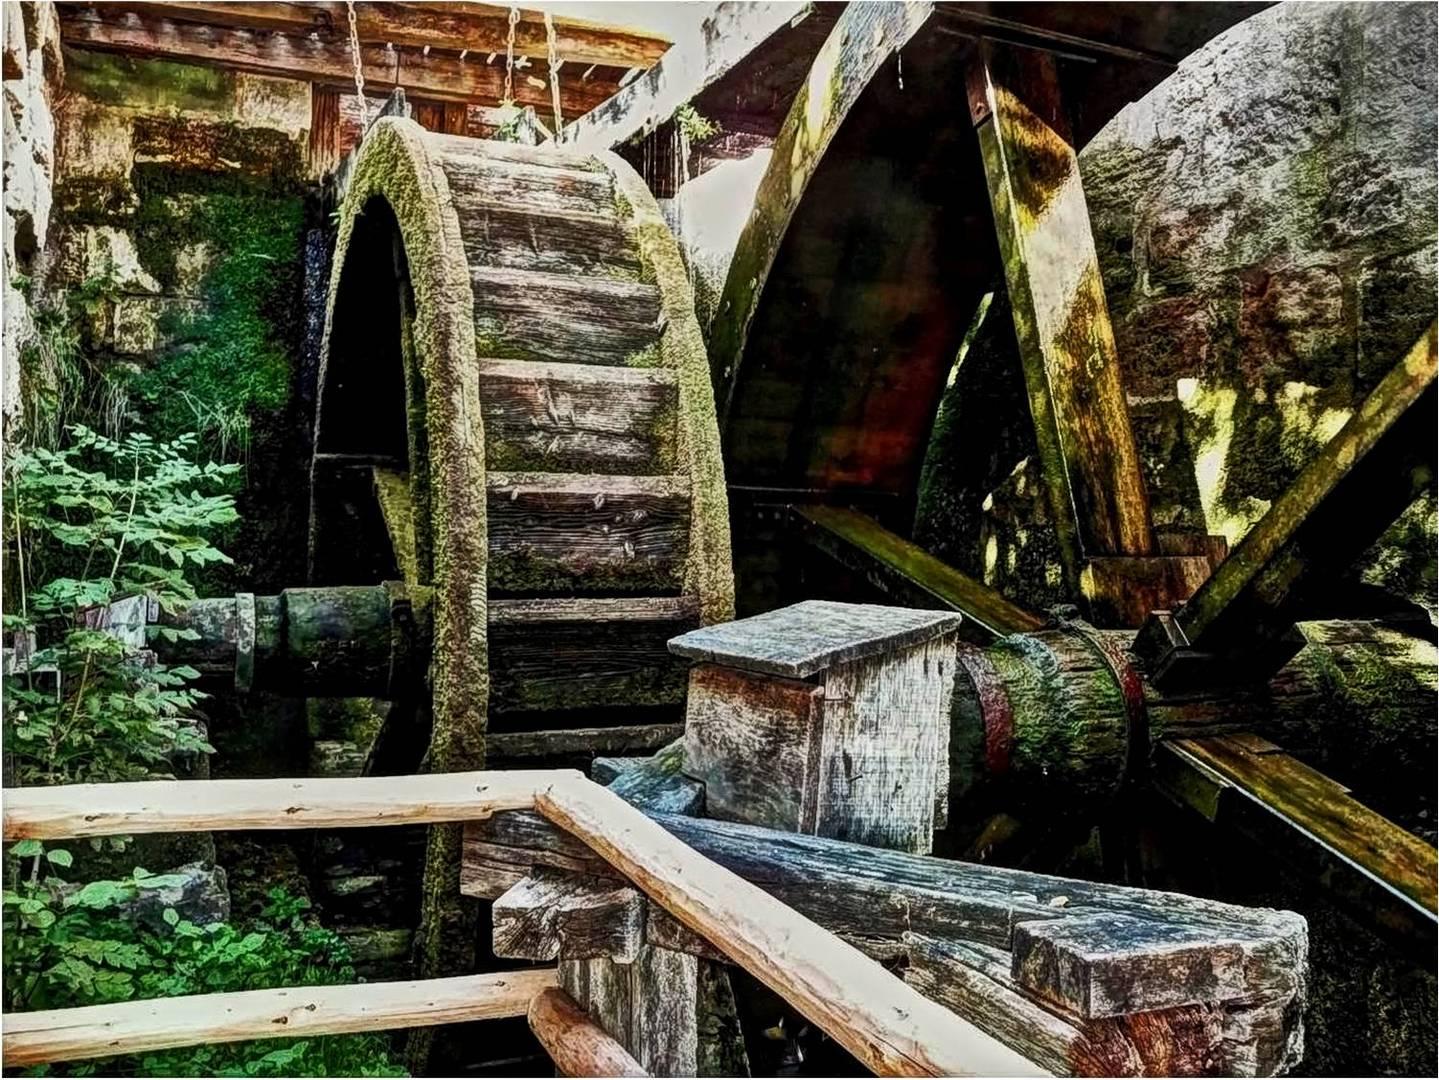 Es klapperte die Mühle...